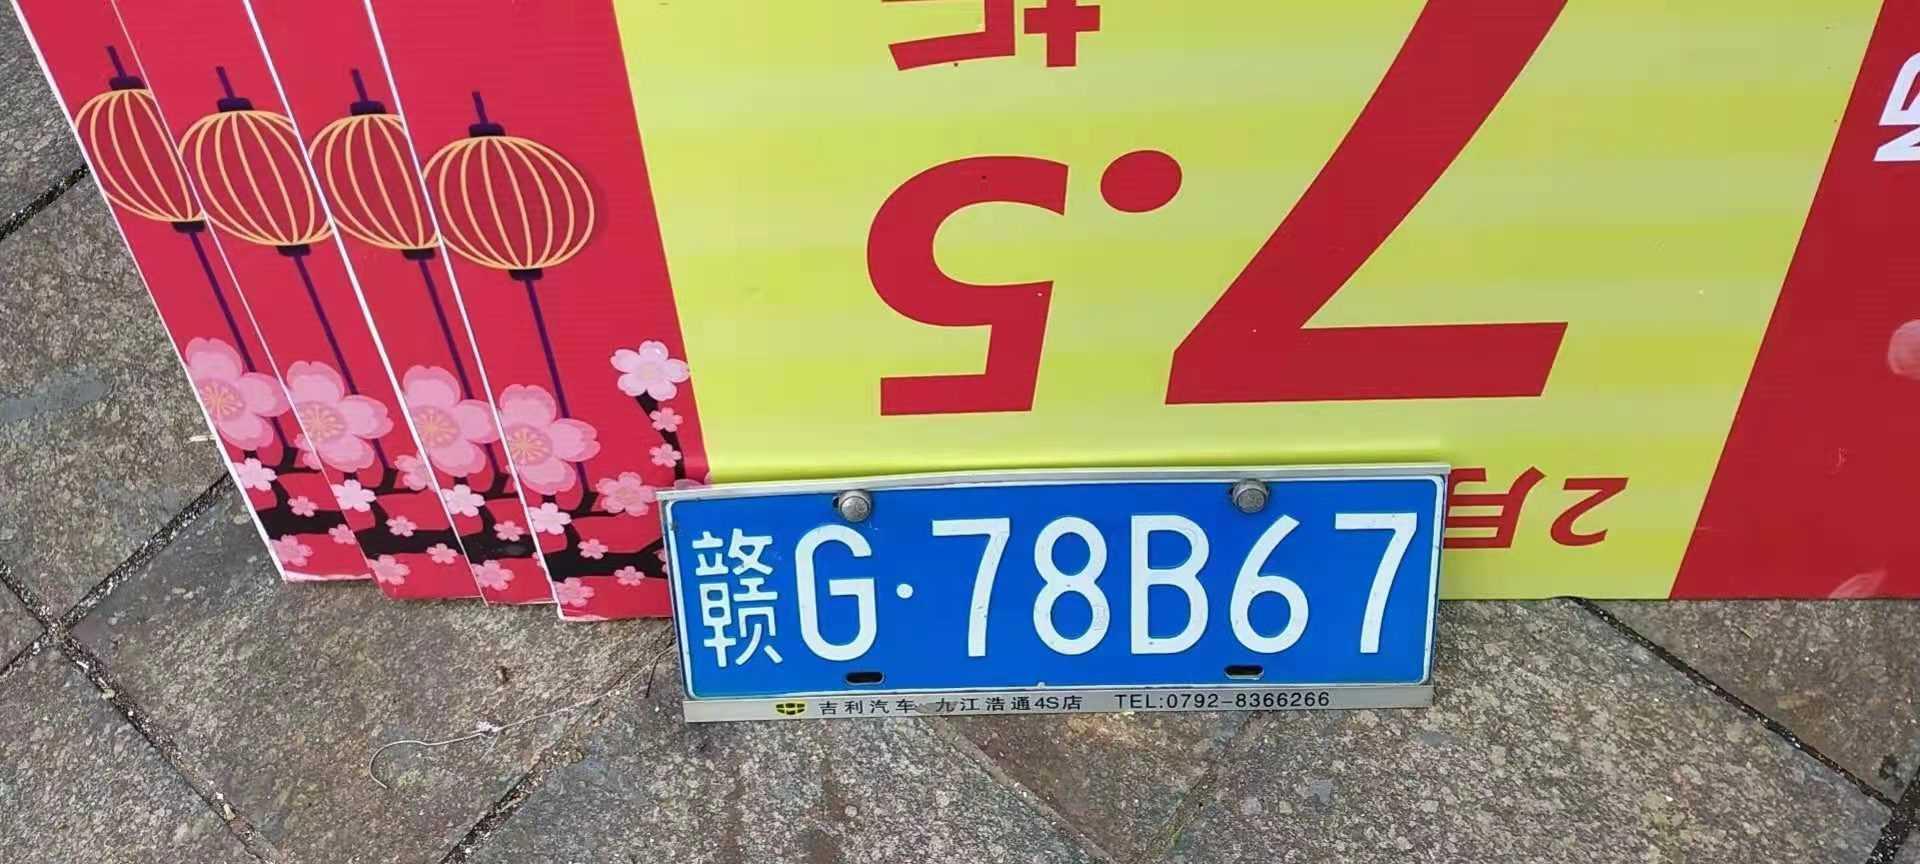 赣G · 78B67的车主,你的车牌掉了!!